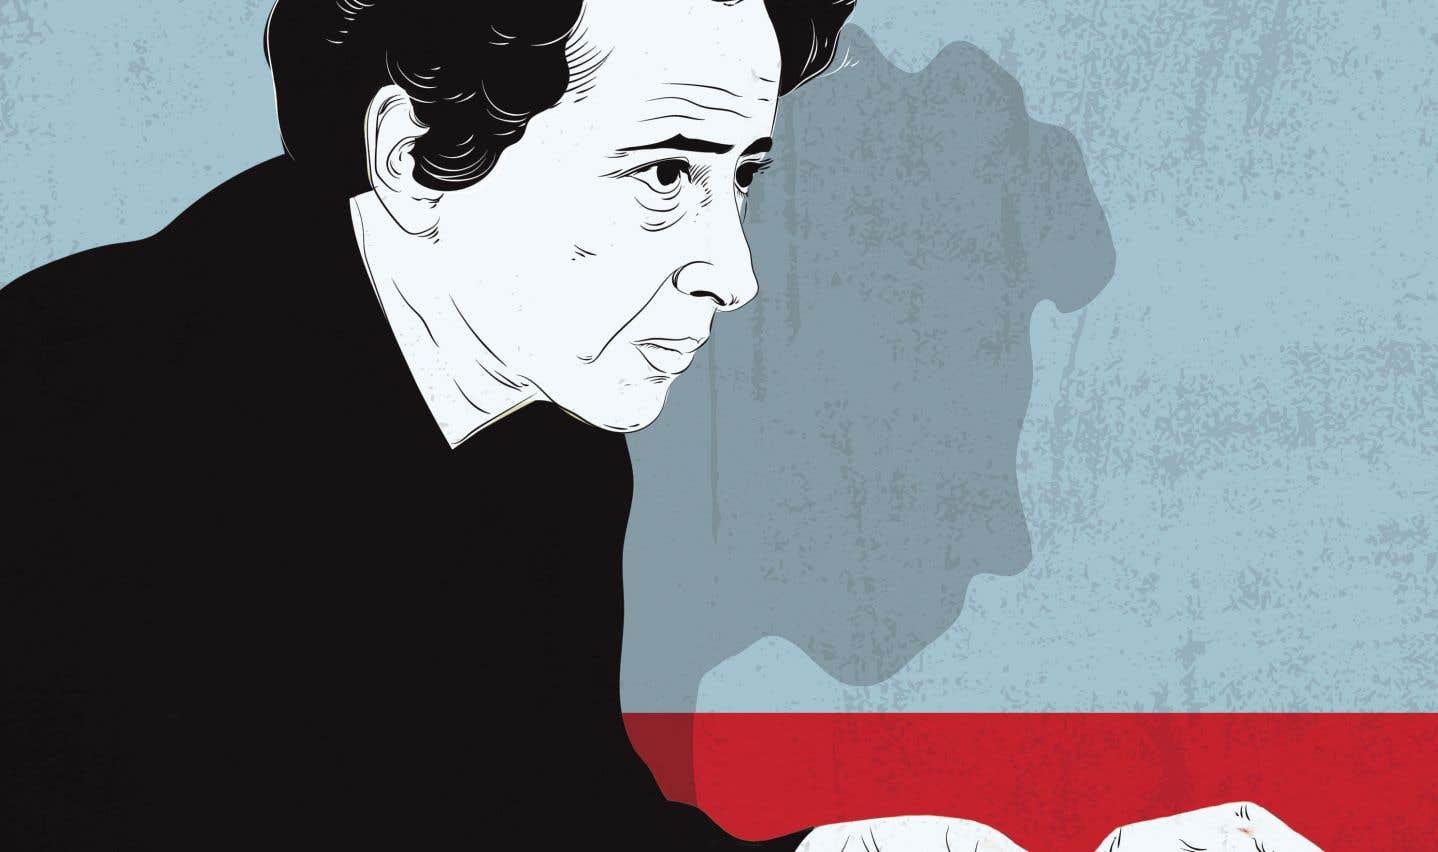 S'il existe un «mal trumpien», la pensée politique d'Hannah Arendt nous suggère de l'appréhender sous l'angle de l'«automystification». Vice à la fois privé et public, l'automystification produit «un monde capable de concurrencer le monde réel, dont le grand désavantage est de ne pas être logique, cohérent et organisé».